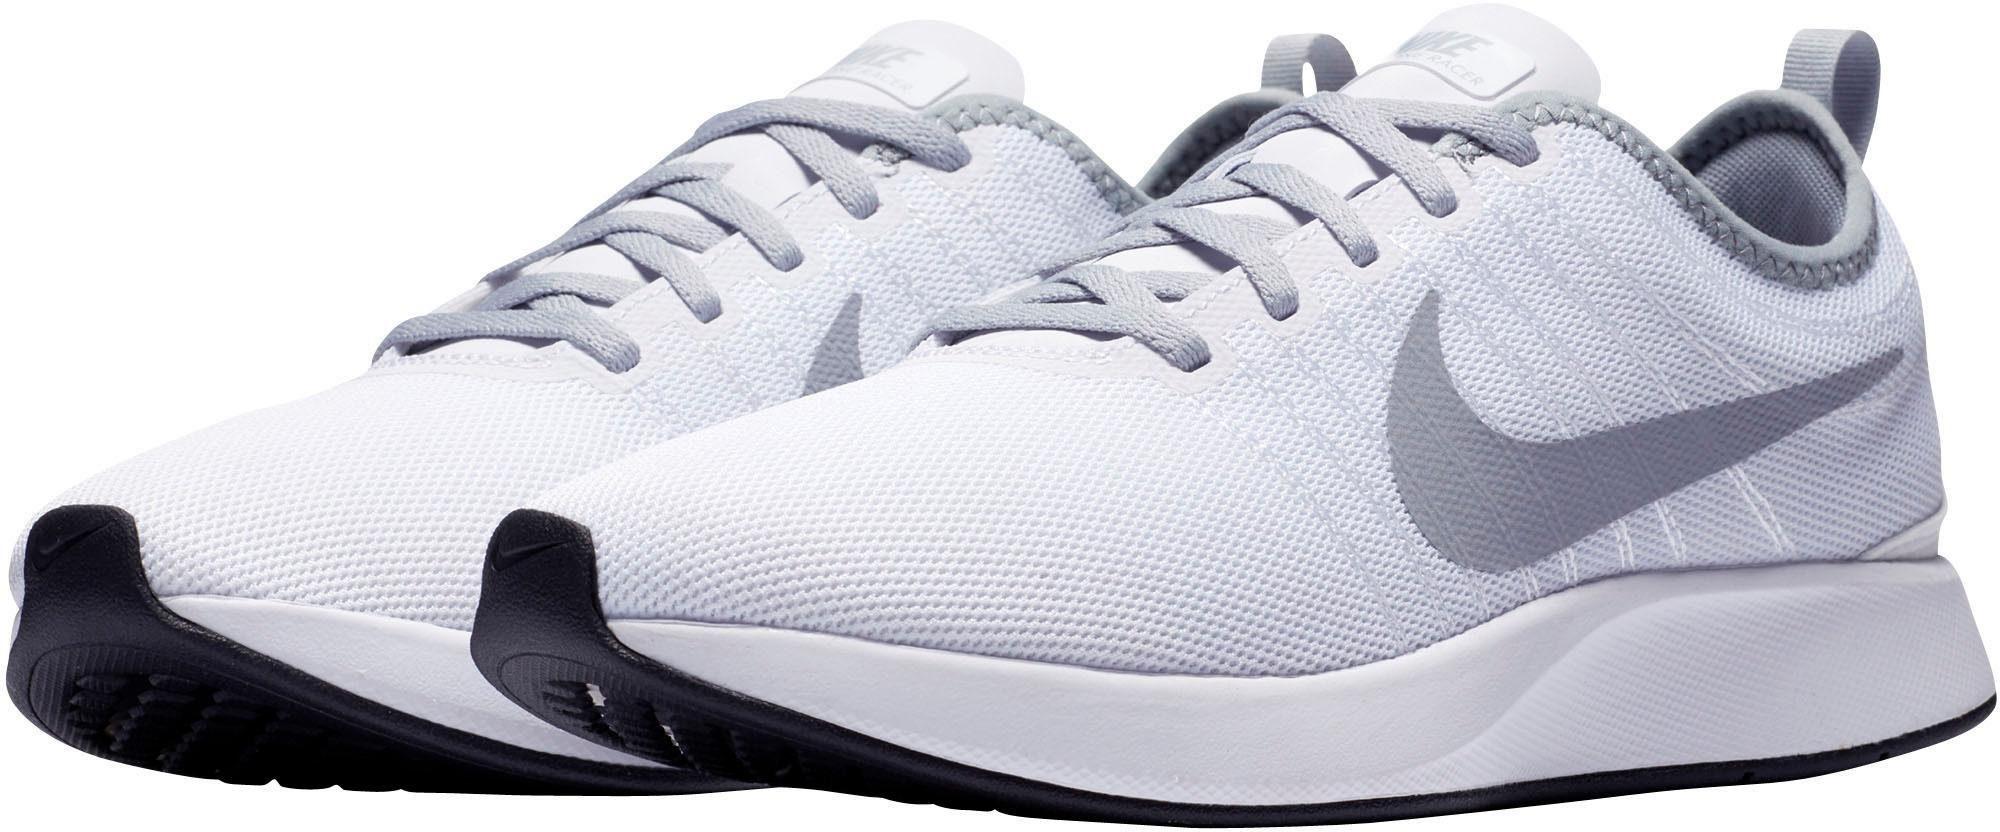 Nike Sportswear Dualtone Racer Sneaker kaufen  weiß